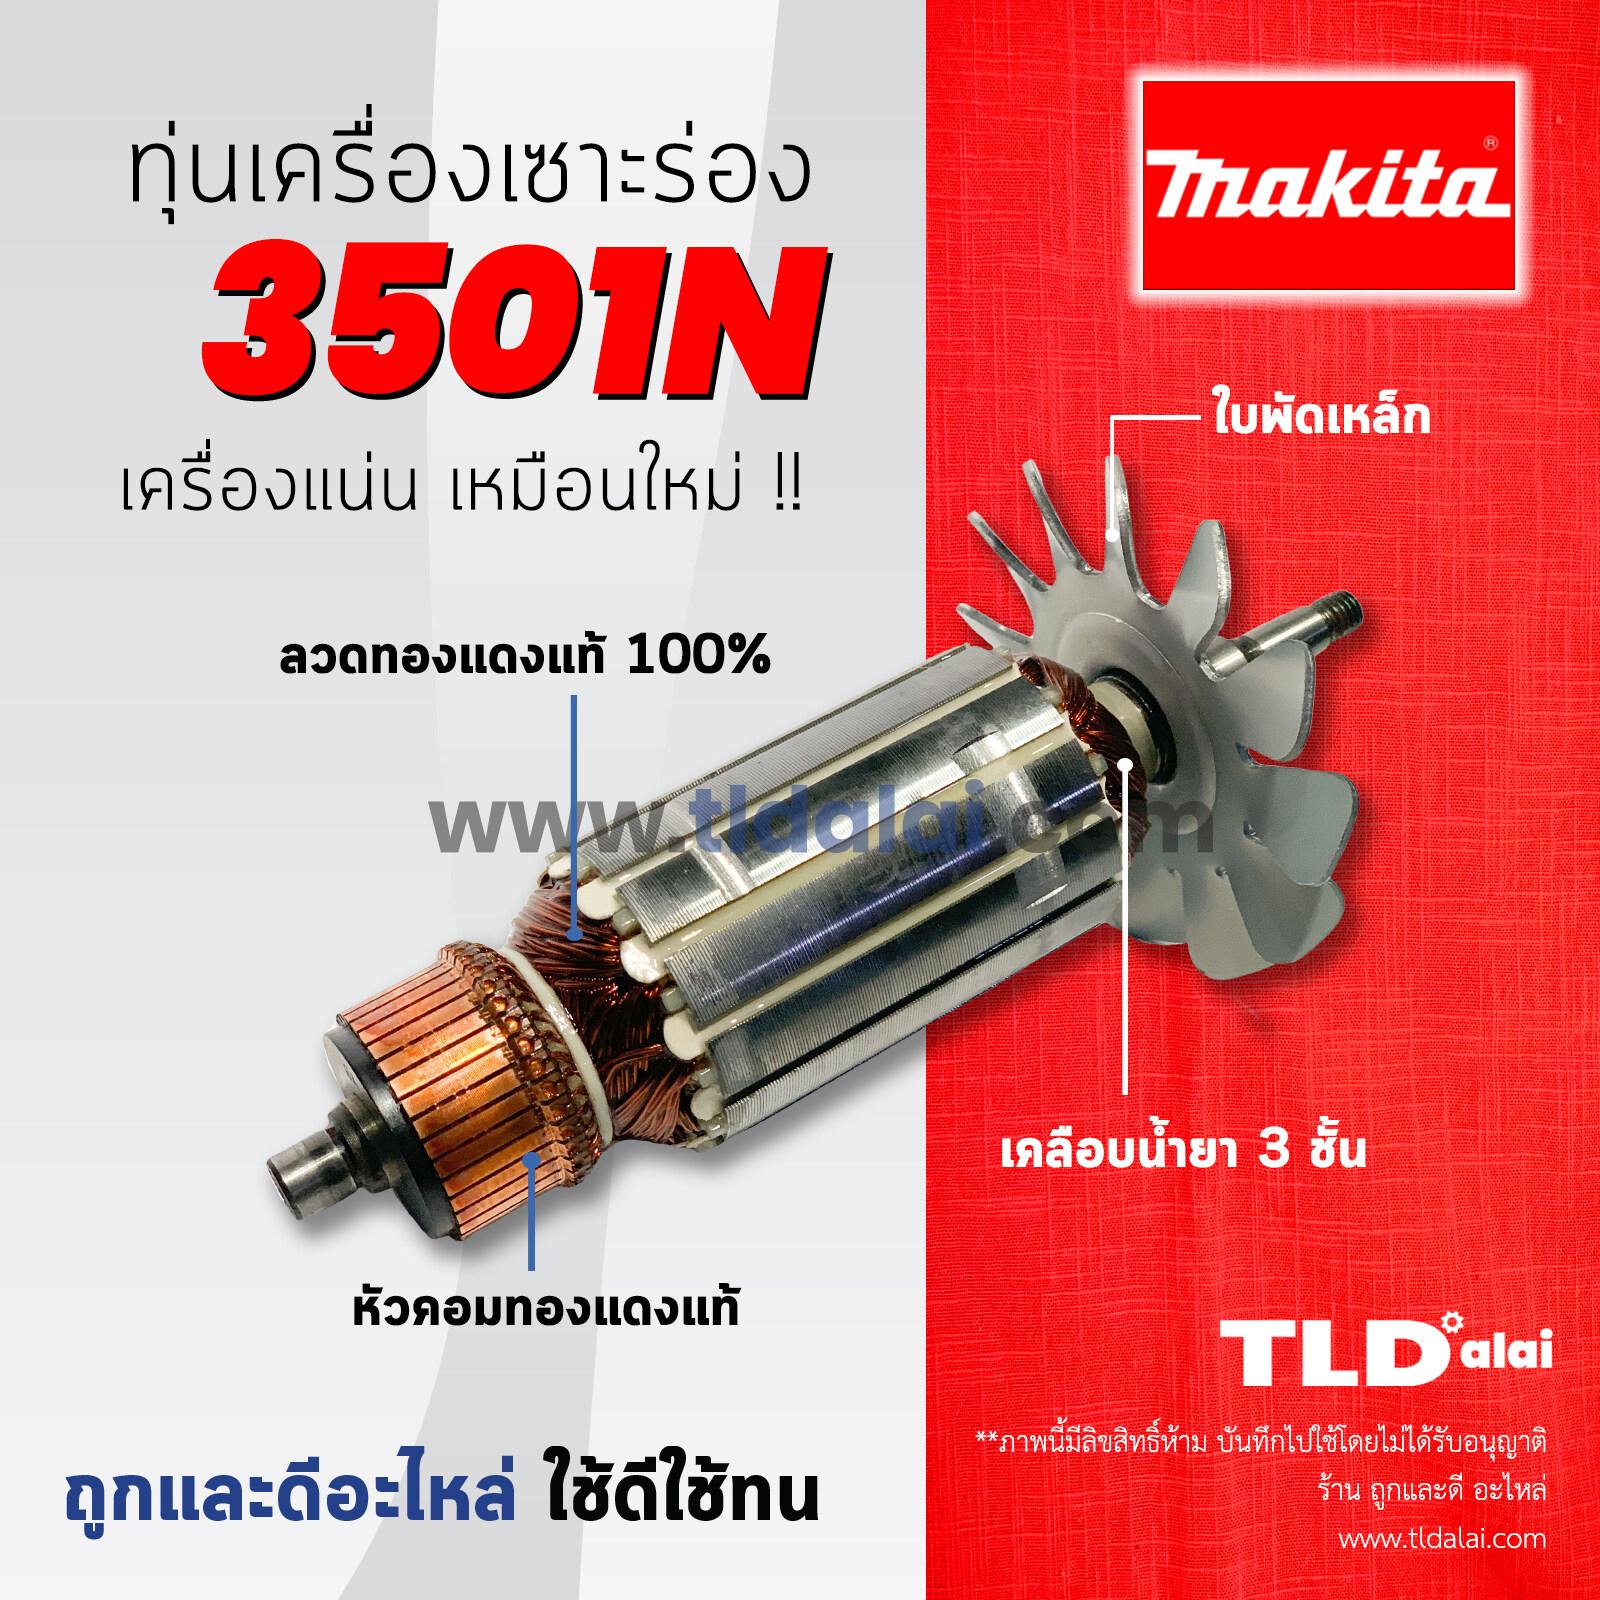 ส่งเร็ว  ทุ่น Makita มากีต้า เครื่องเซาะร่อง 7 นิ้ว รุ่น 3501N (เซาะร่องมากิต้า) อย่างดี